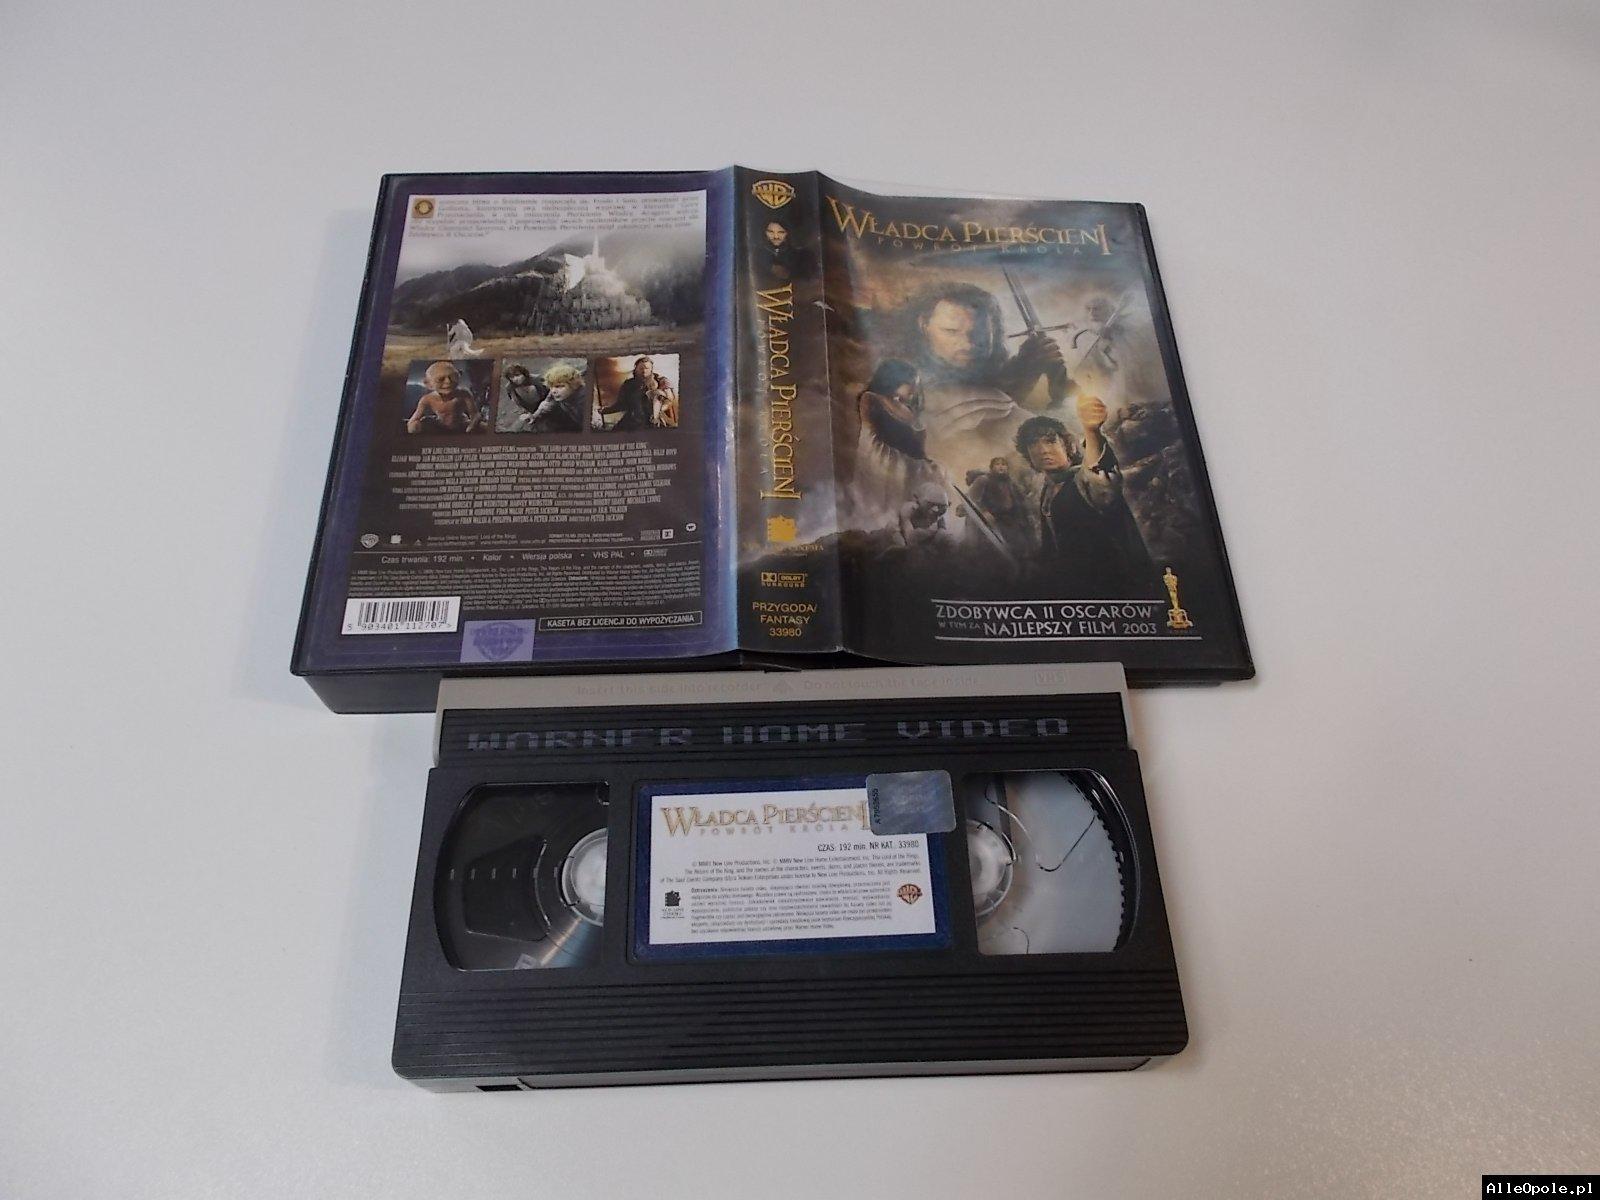 WŁADCA PIERŚCIENI POWRUT KRÓLA - VHS Kaseta Video - Opole 1721